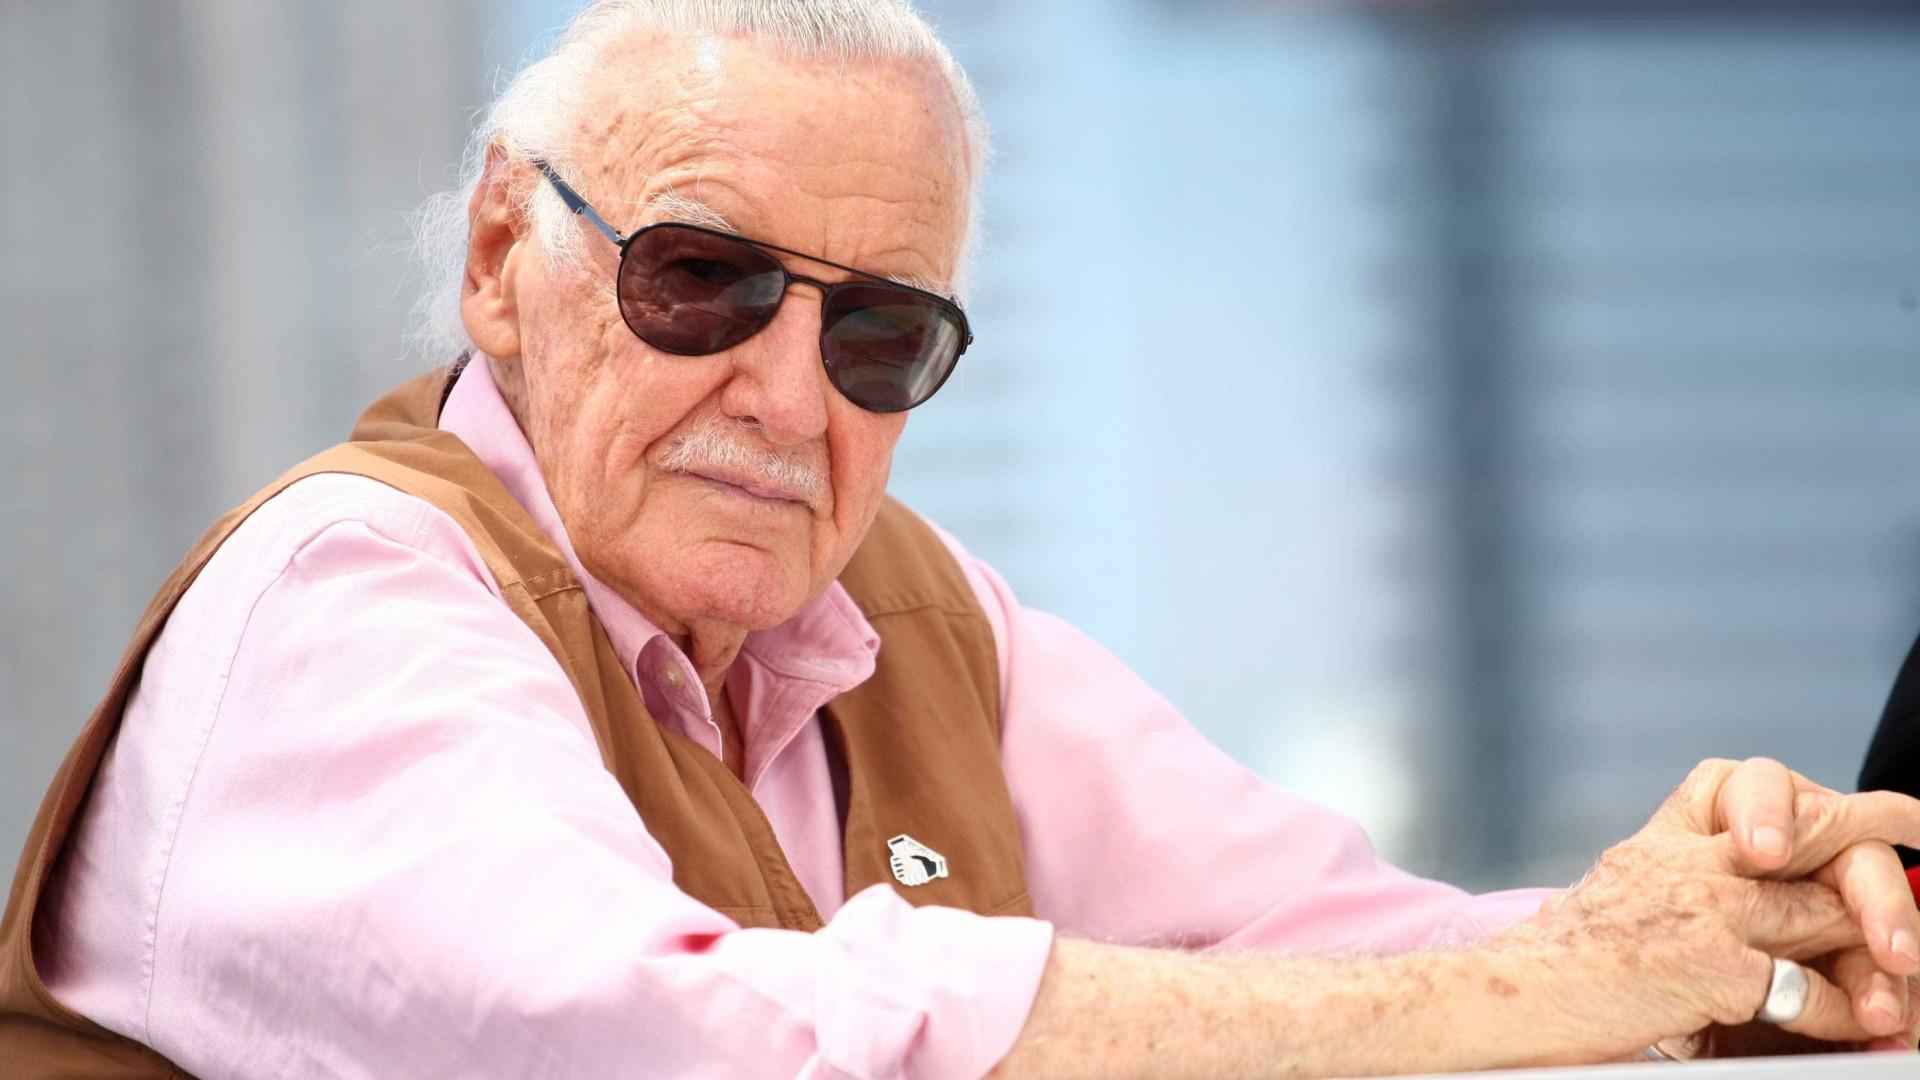 Causa da morte de Stan Lee, o criador de super-heróis, é revelada